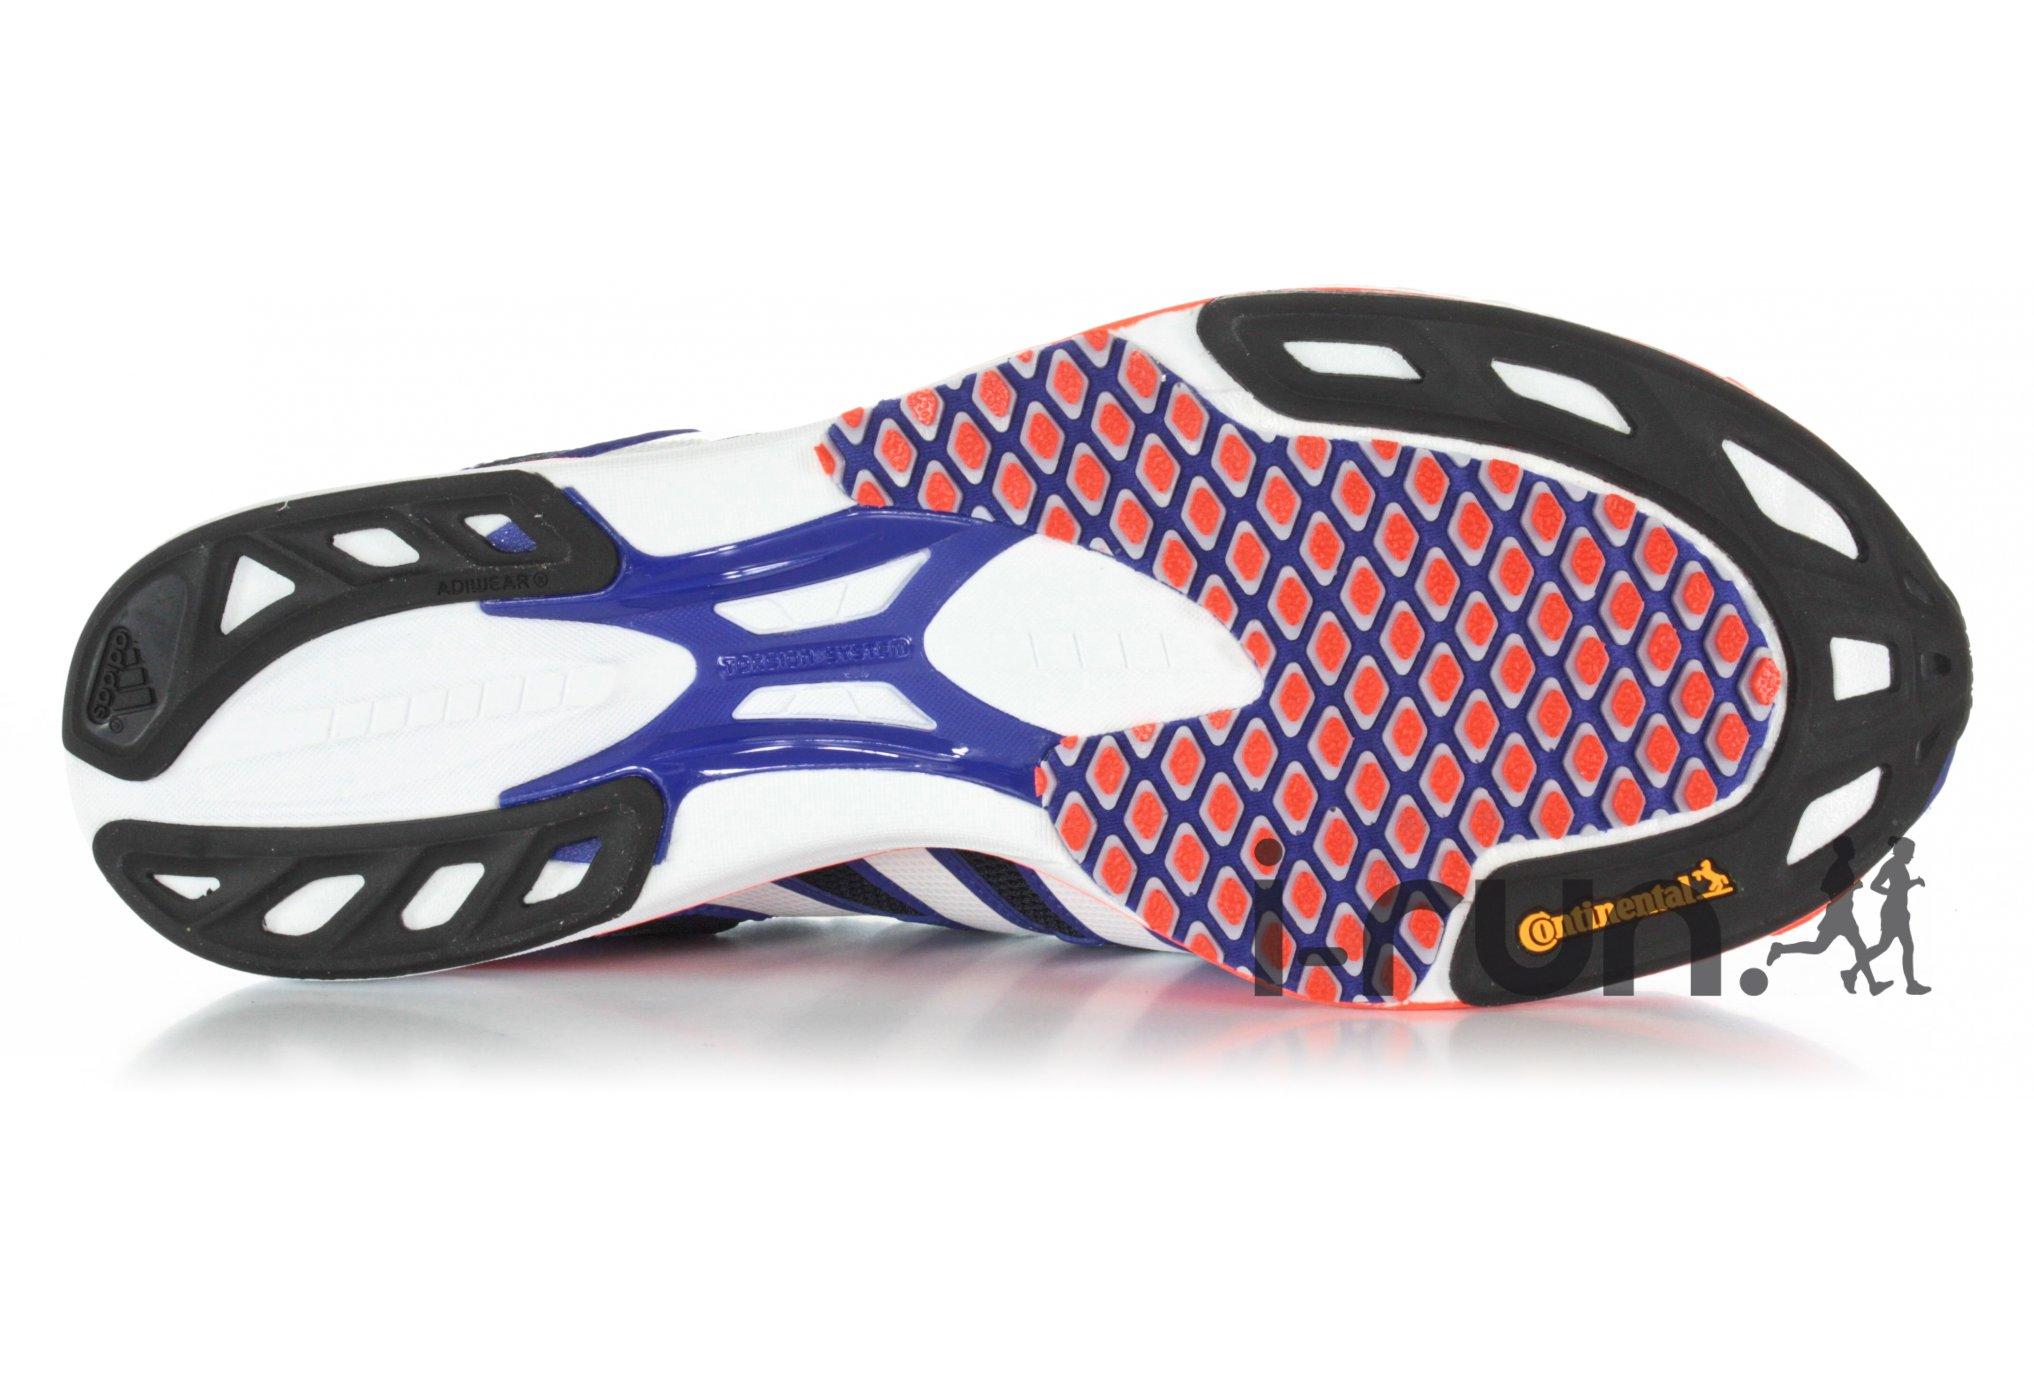 Ren L'essai 3 Adidas Du Takumi Coach Boost wI5papqtx